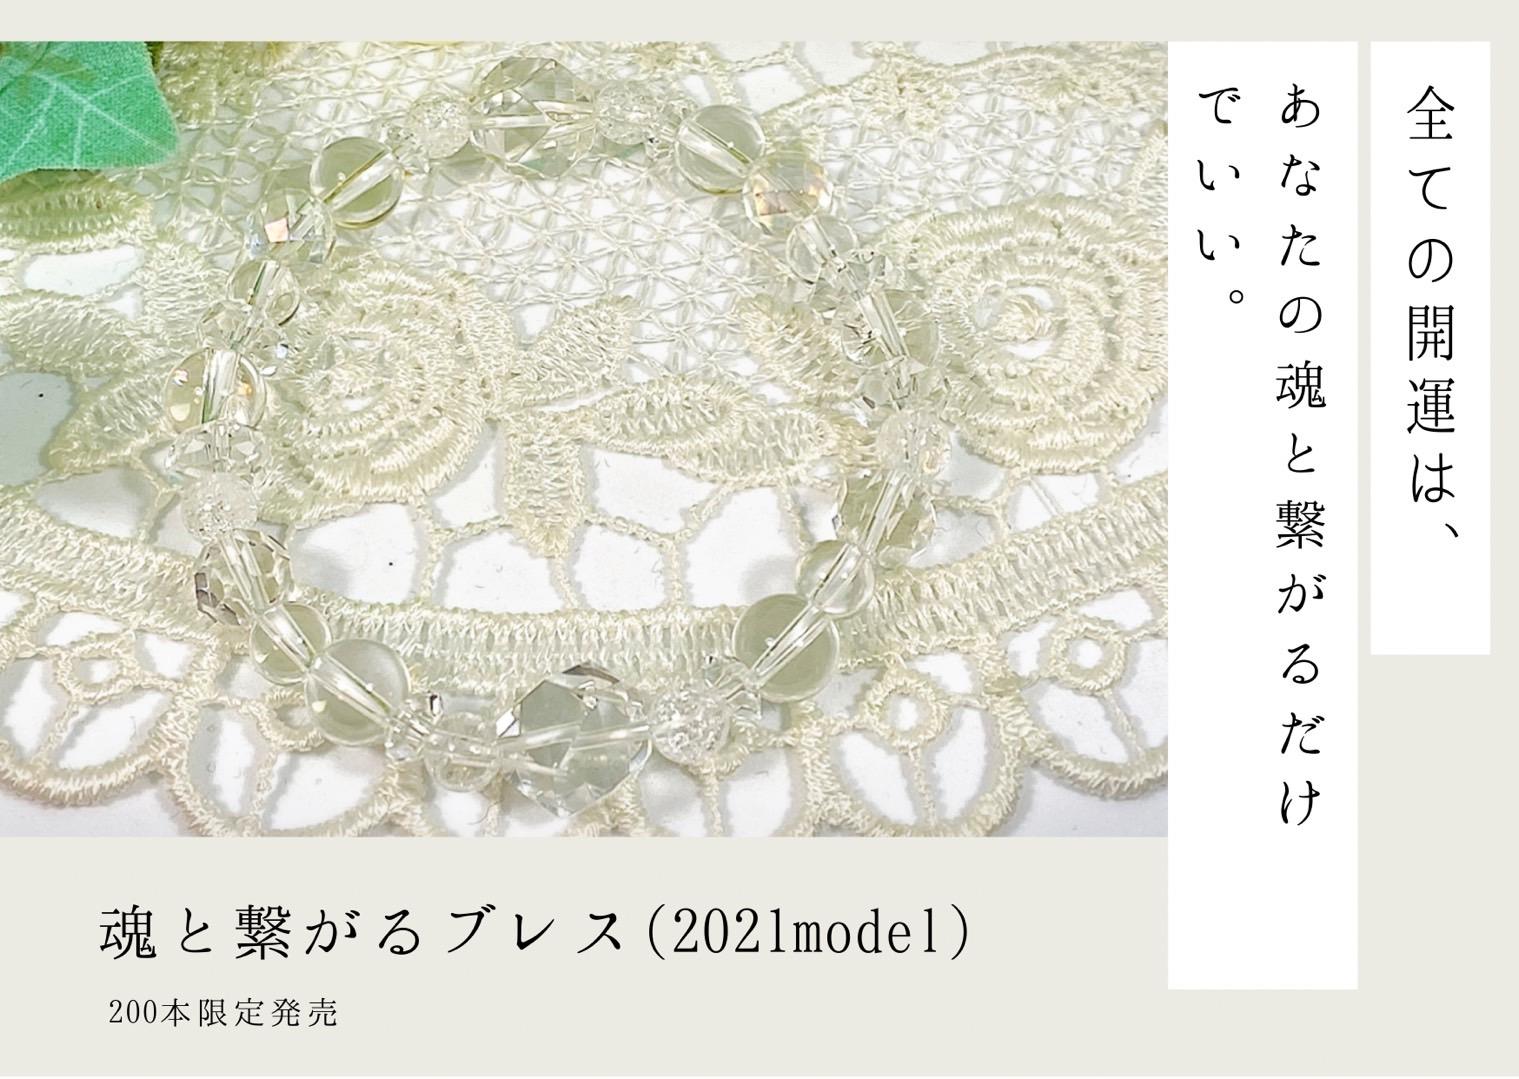 魂と繋がるブレス(202model)